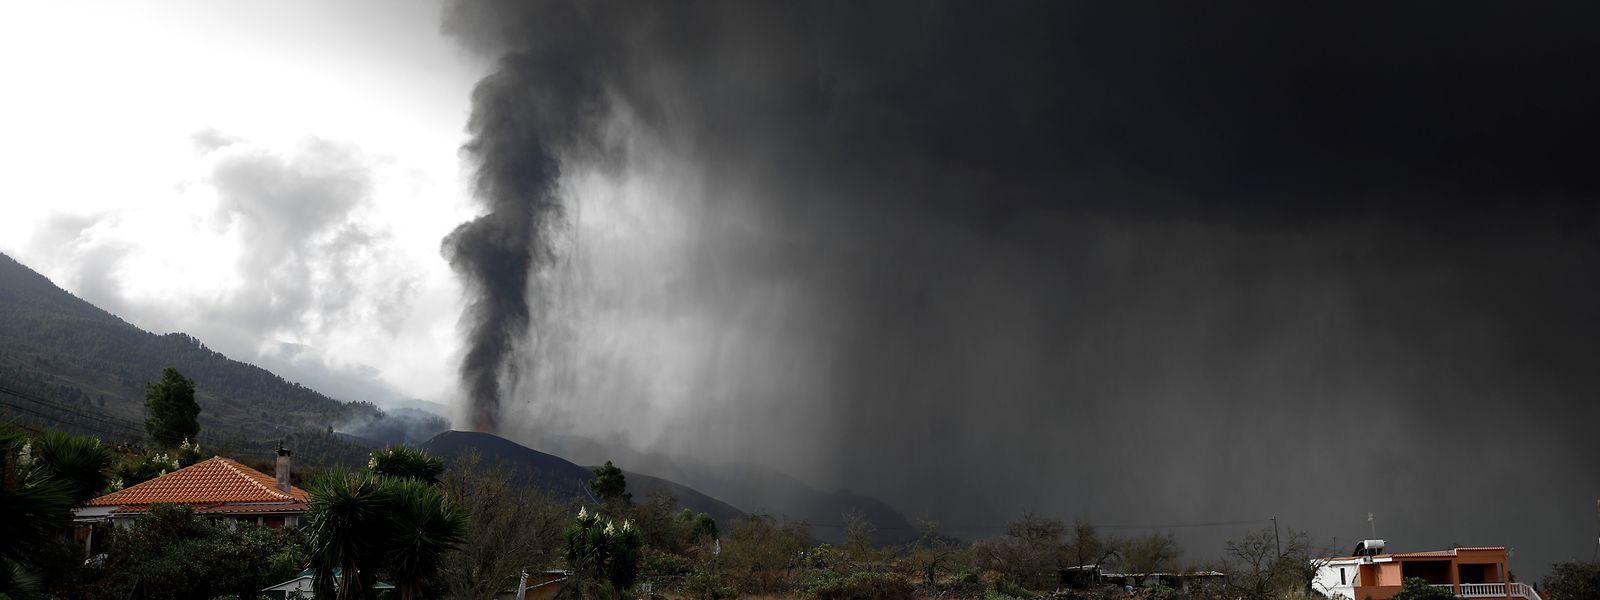 Der Vulkan von La Palma stößt eine Wolke aus Asche und Schwefeldioxid aus.